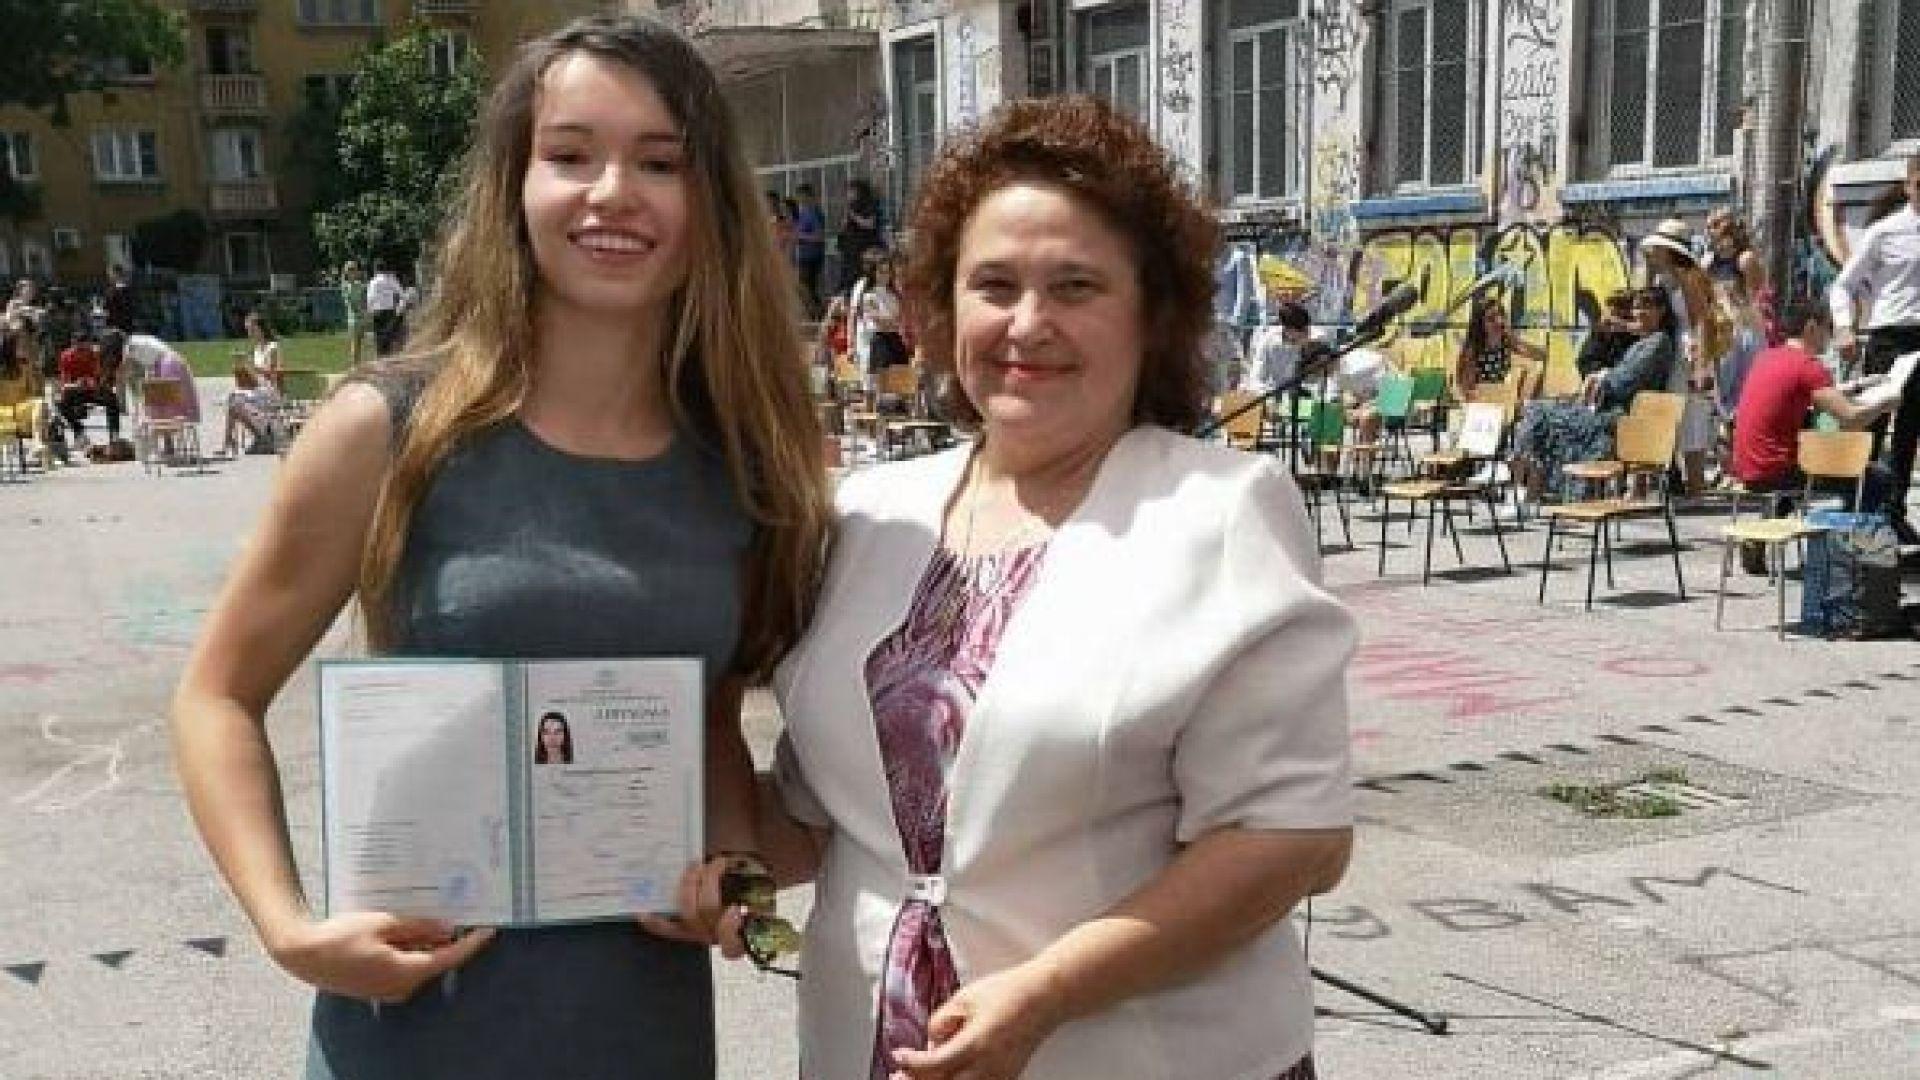 Всяко училище си има лична специфика и според възможностите на учителите и учениците успя да се справи, казва Емилия Богданова